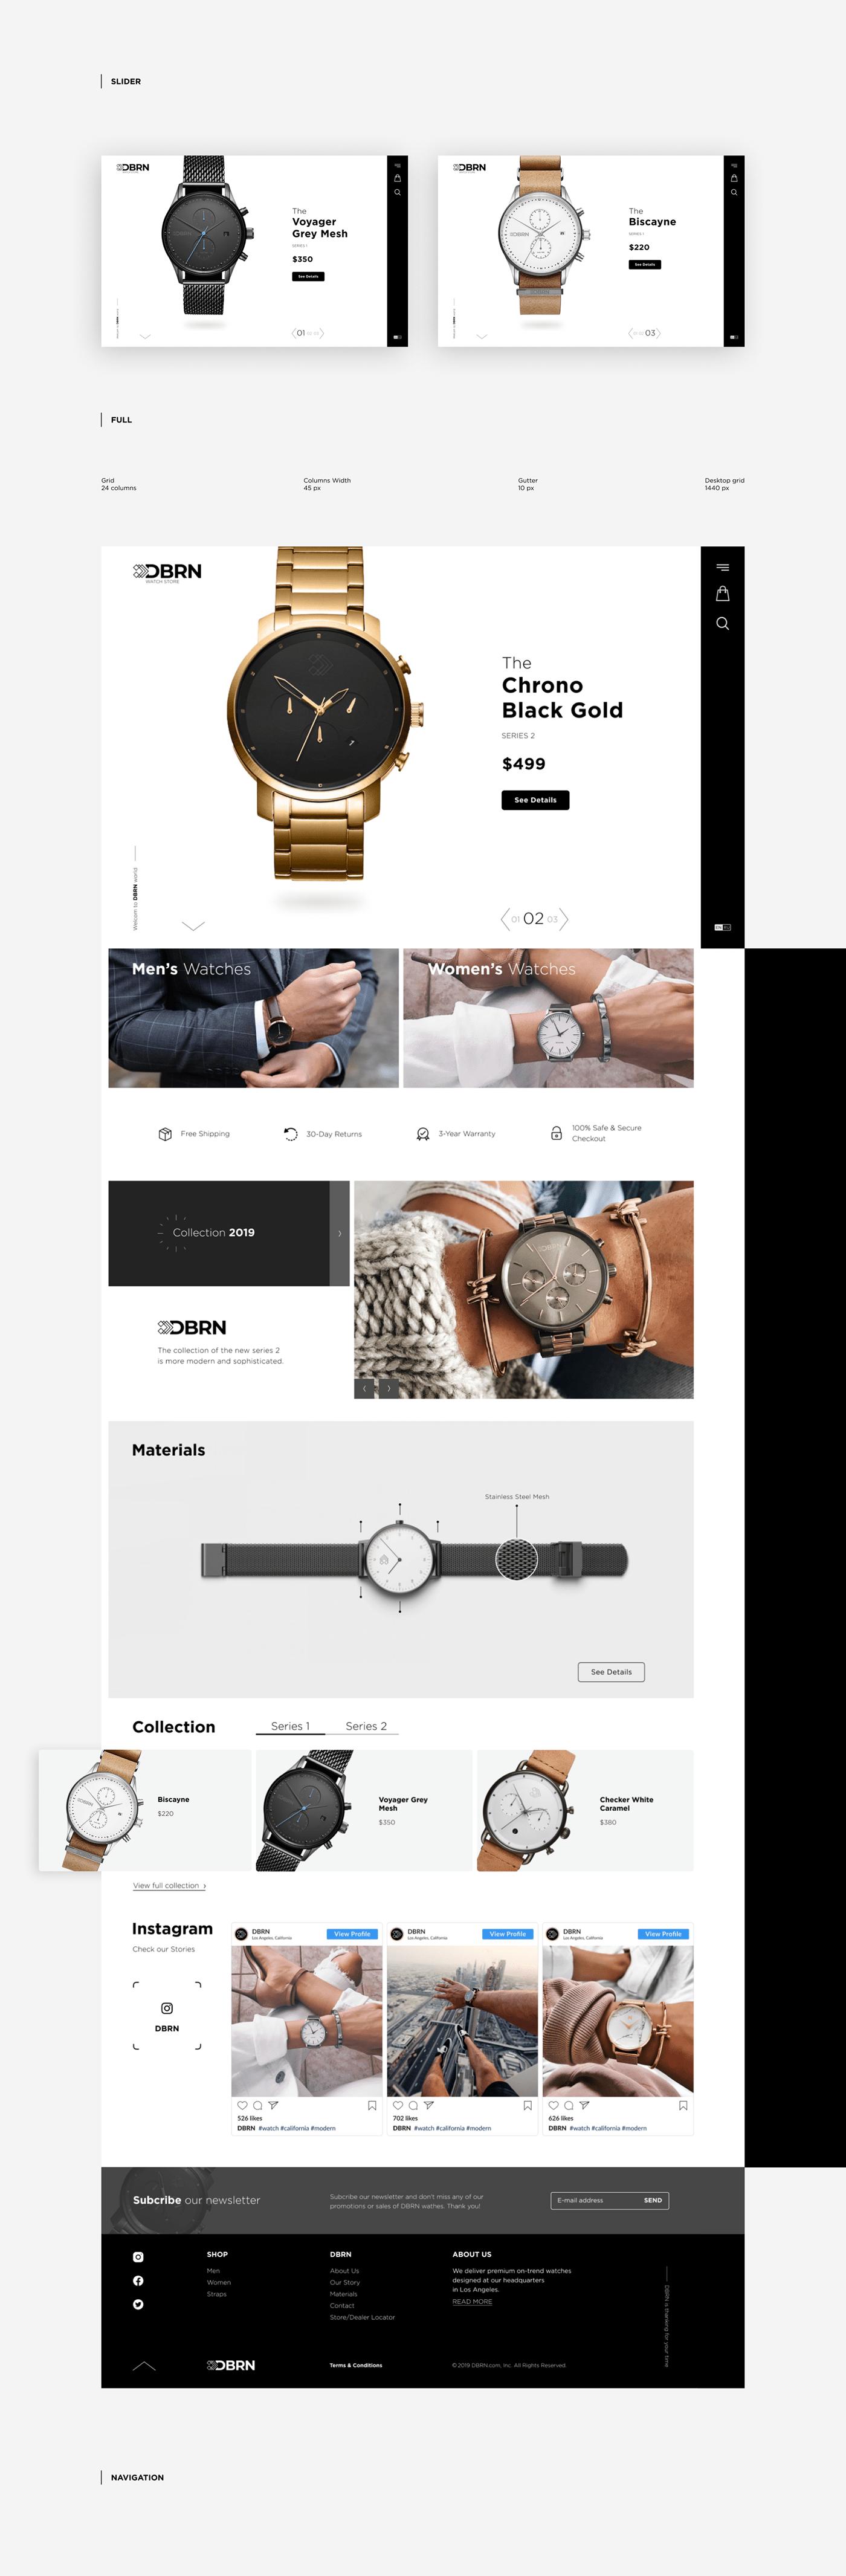 Image may contain: abstract, screenshot and clock